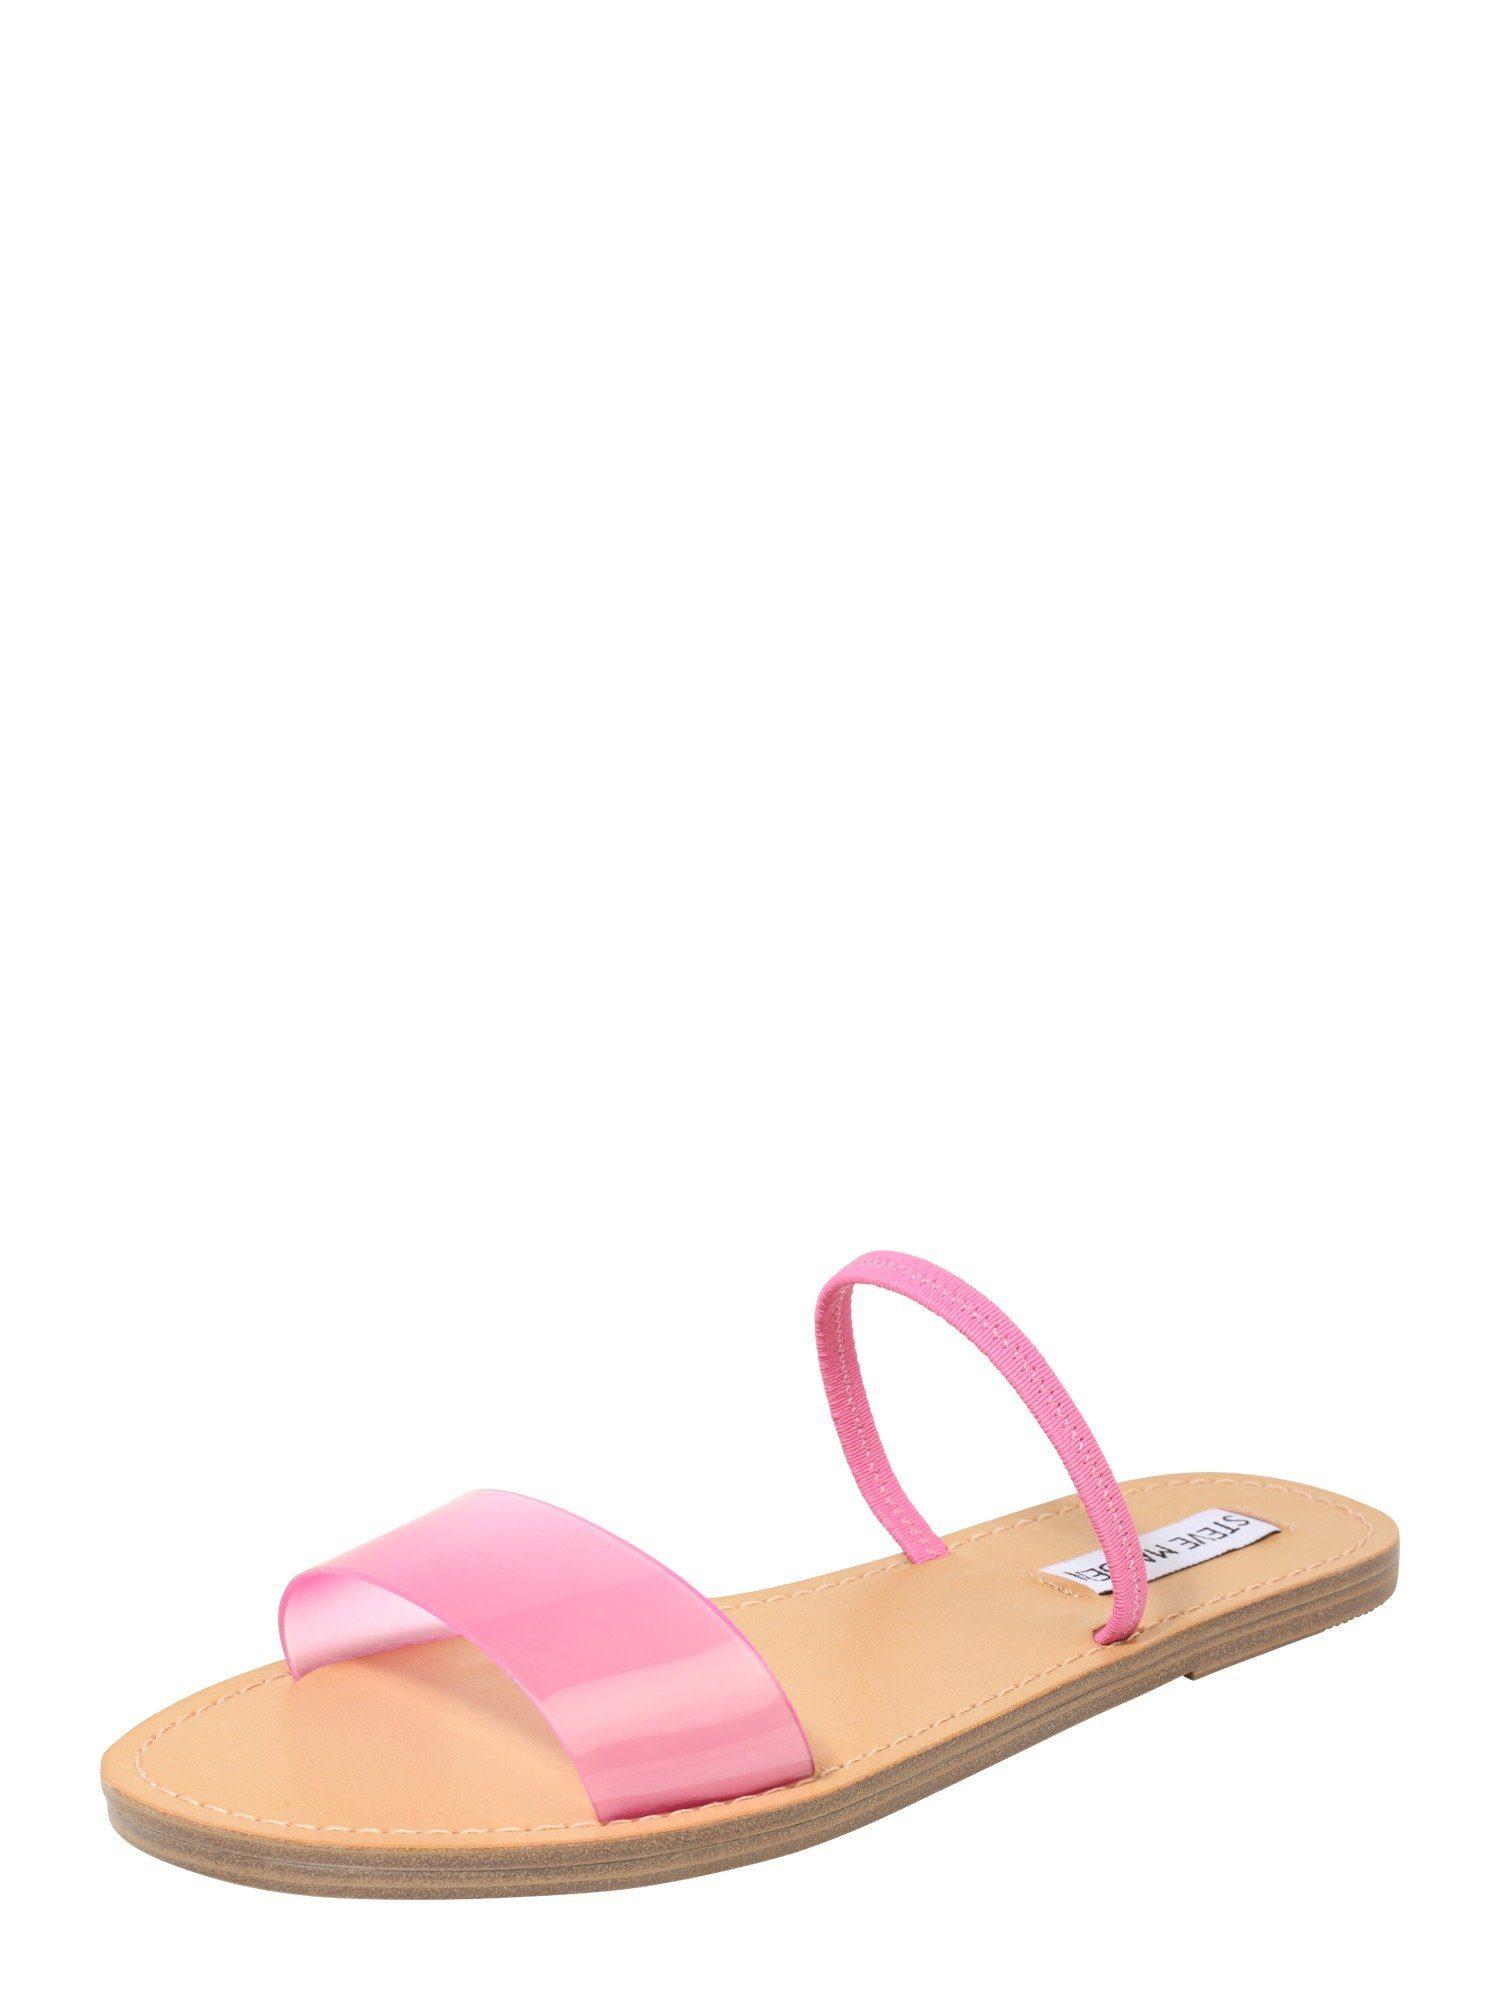 STEVE MADDEN DASHA Riemchensandale online kaufen  pink